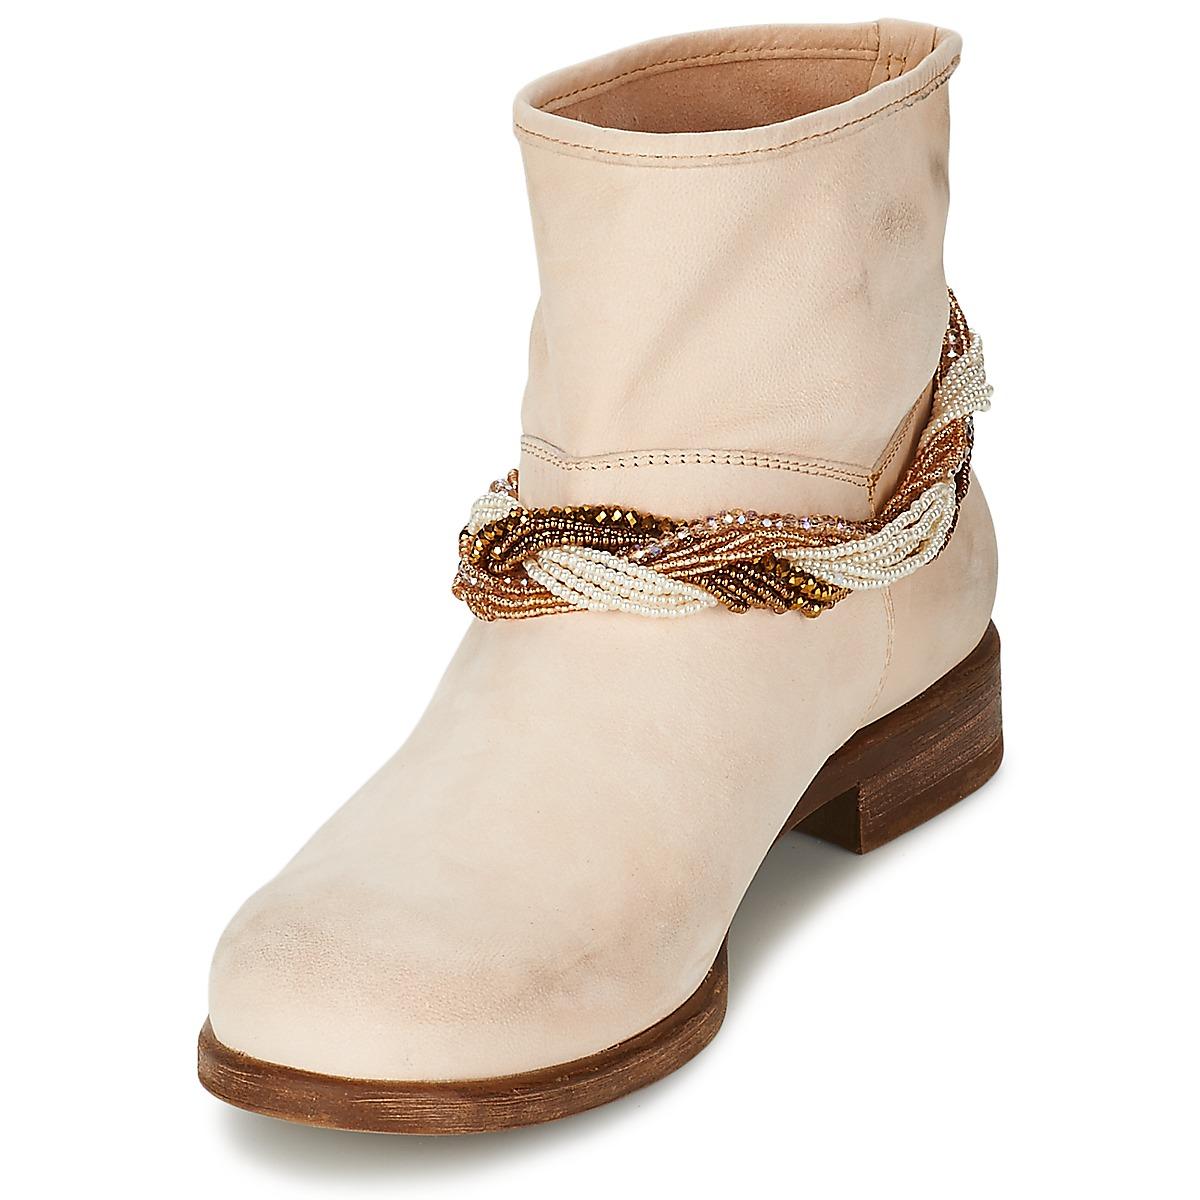 Tosca Tosca Tosca Blu TETHYS Beige - Envío gratis Nueva promoción - Zapatos Botas de caña baja Mujer c74f97